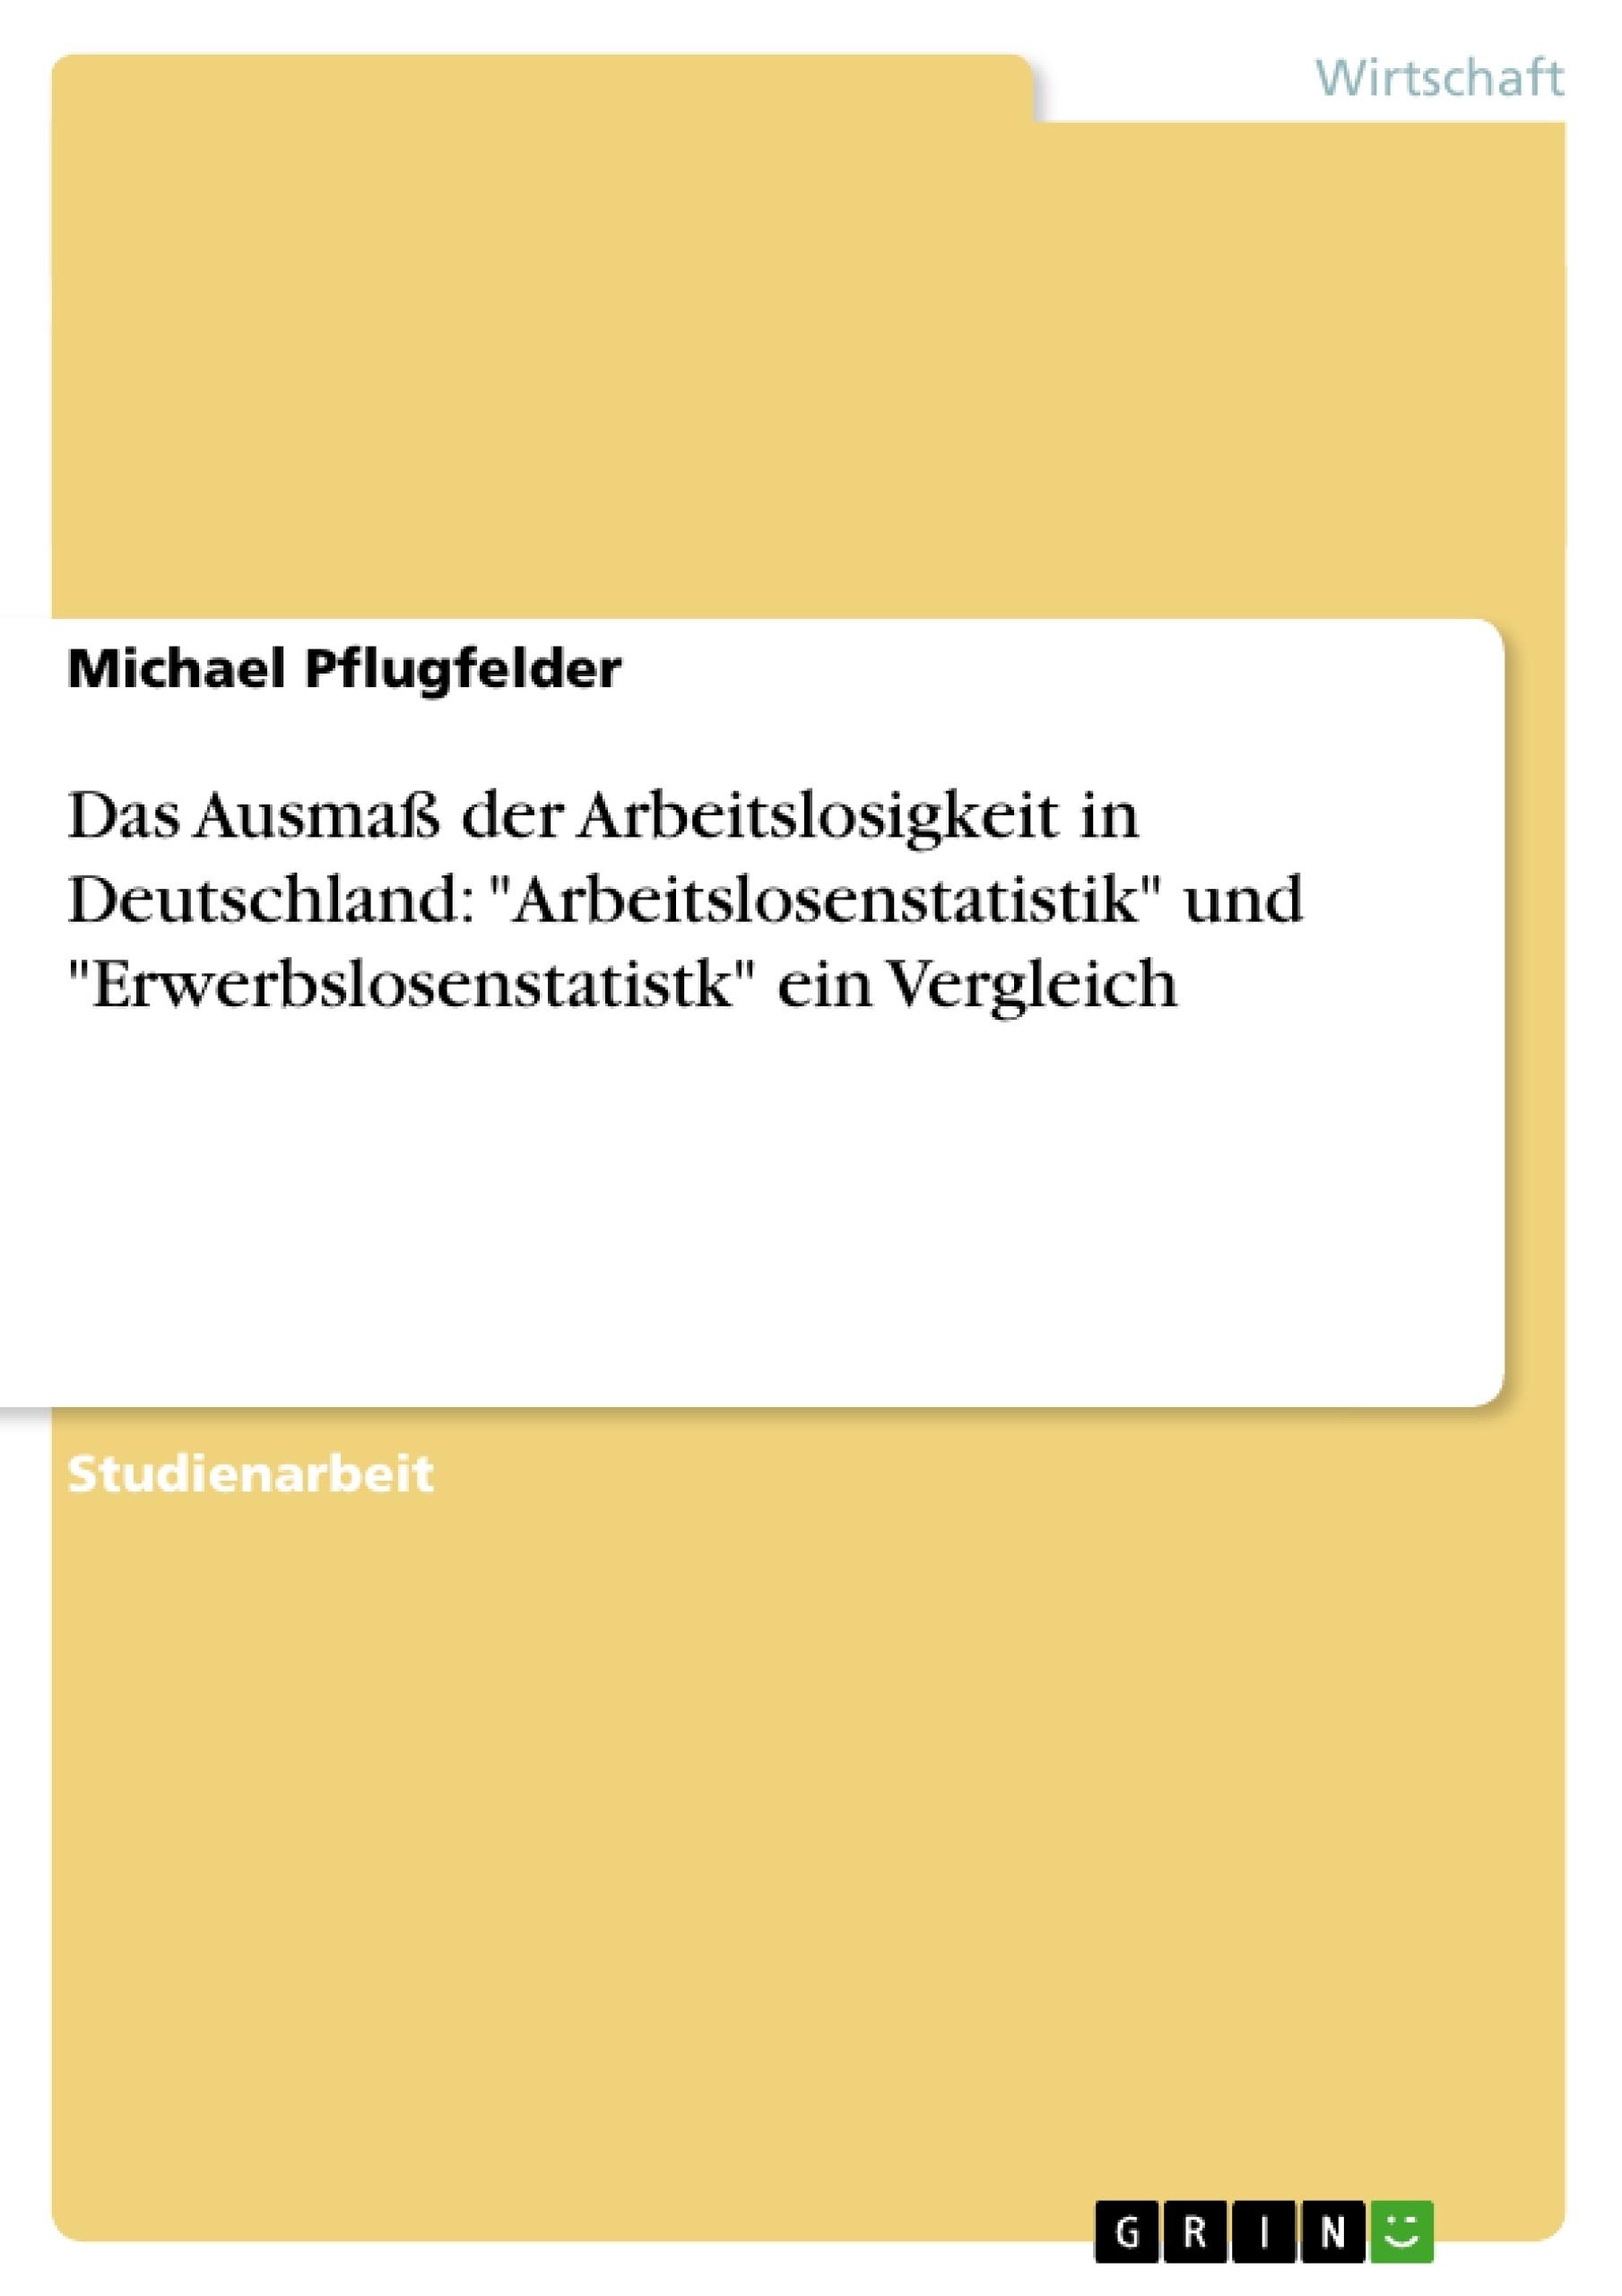 """Titel: Das Ausmaß der Arbeitslosigkeit in Deutschland: """"Arbeitslosenstatistik"""" und """"Erwerbslosenstatistk"""" ein Vergleich"""